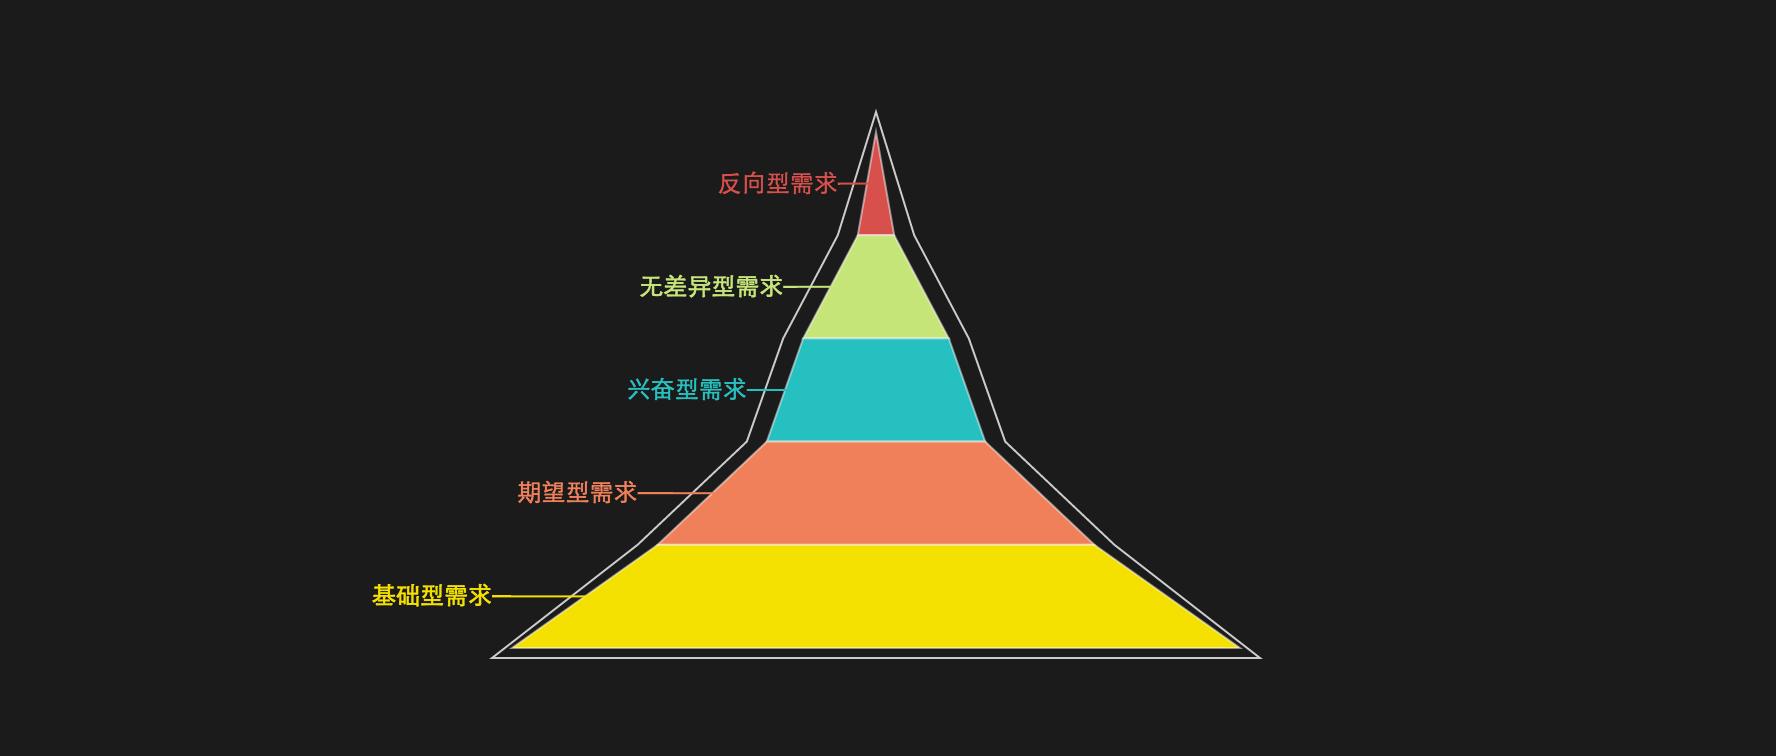 需求分析05:如何评估产品需求? | 人人都是产品经理